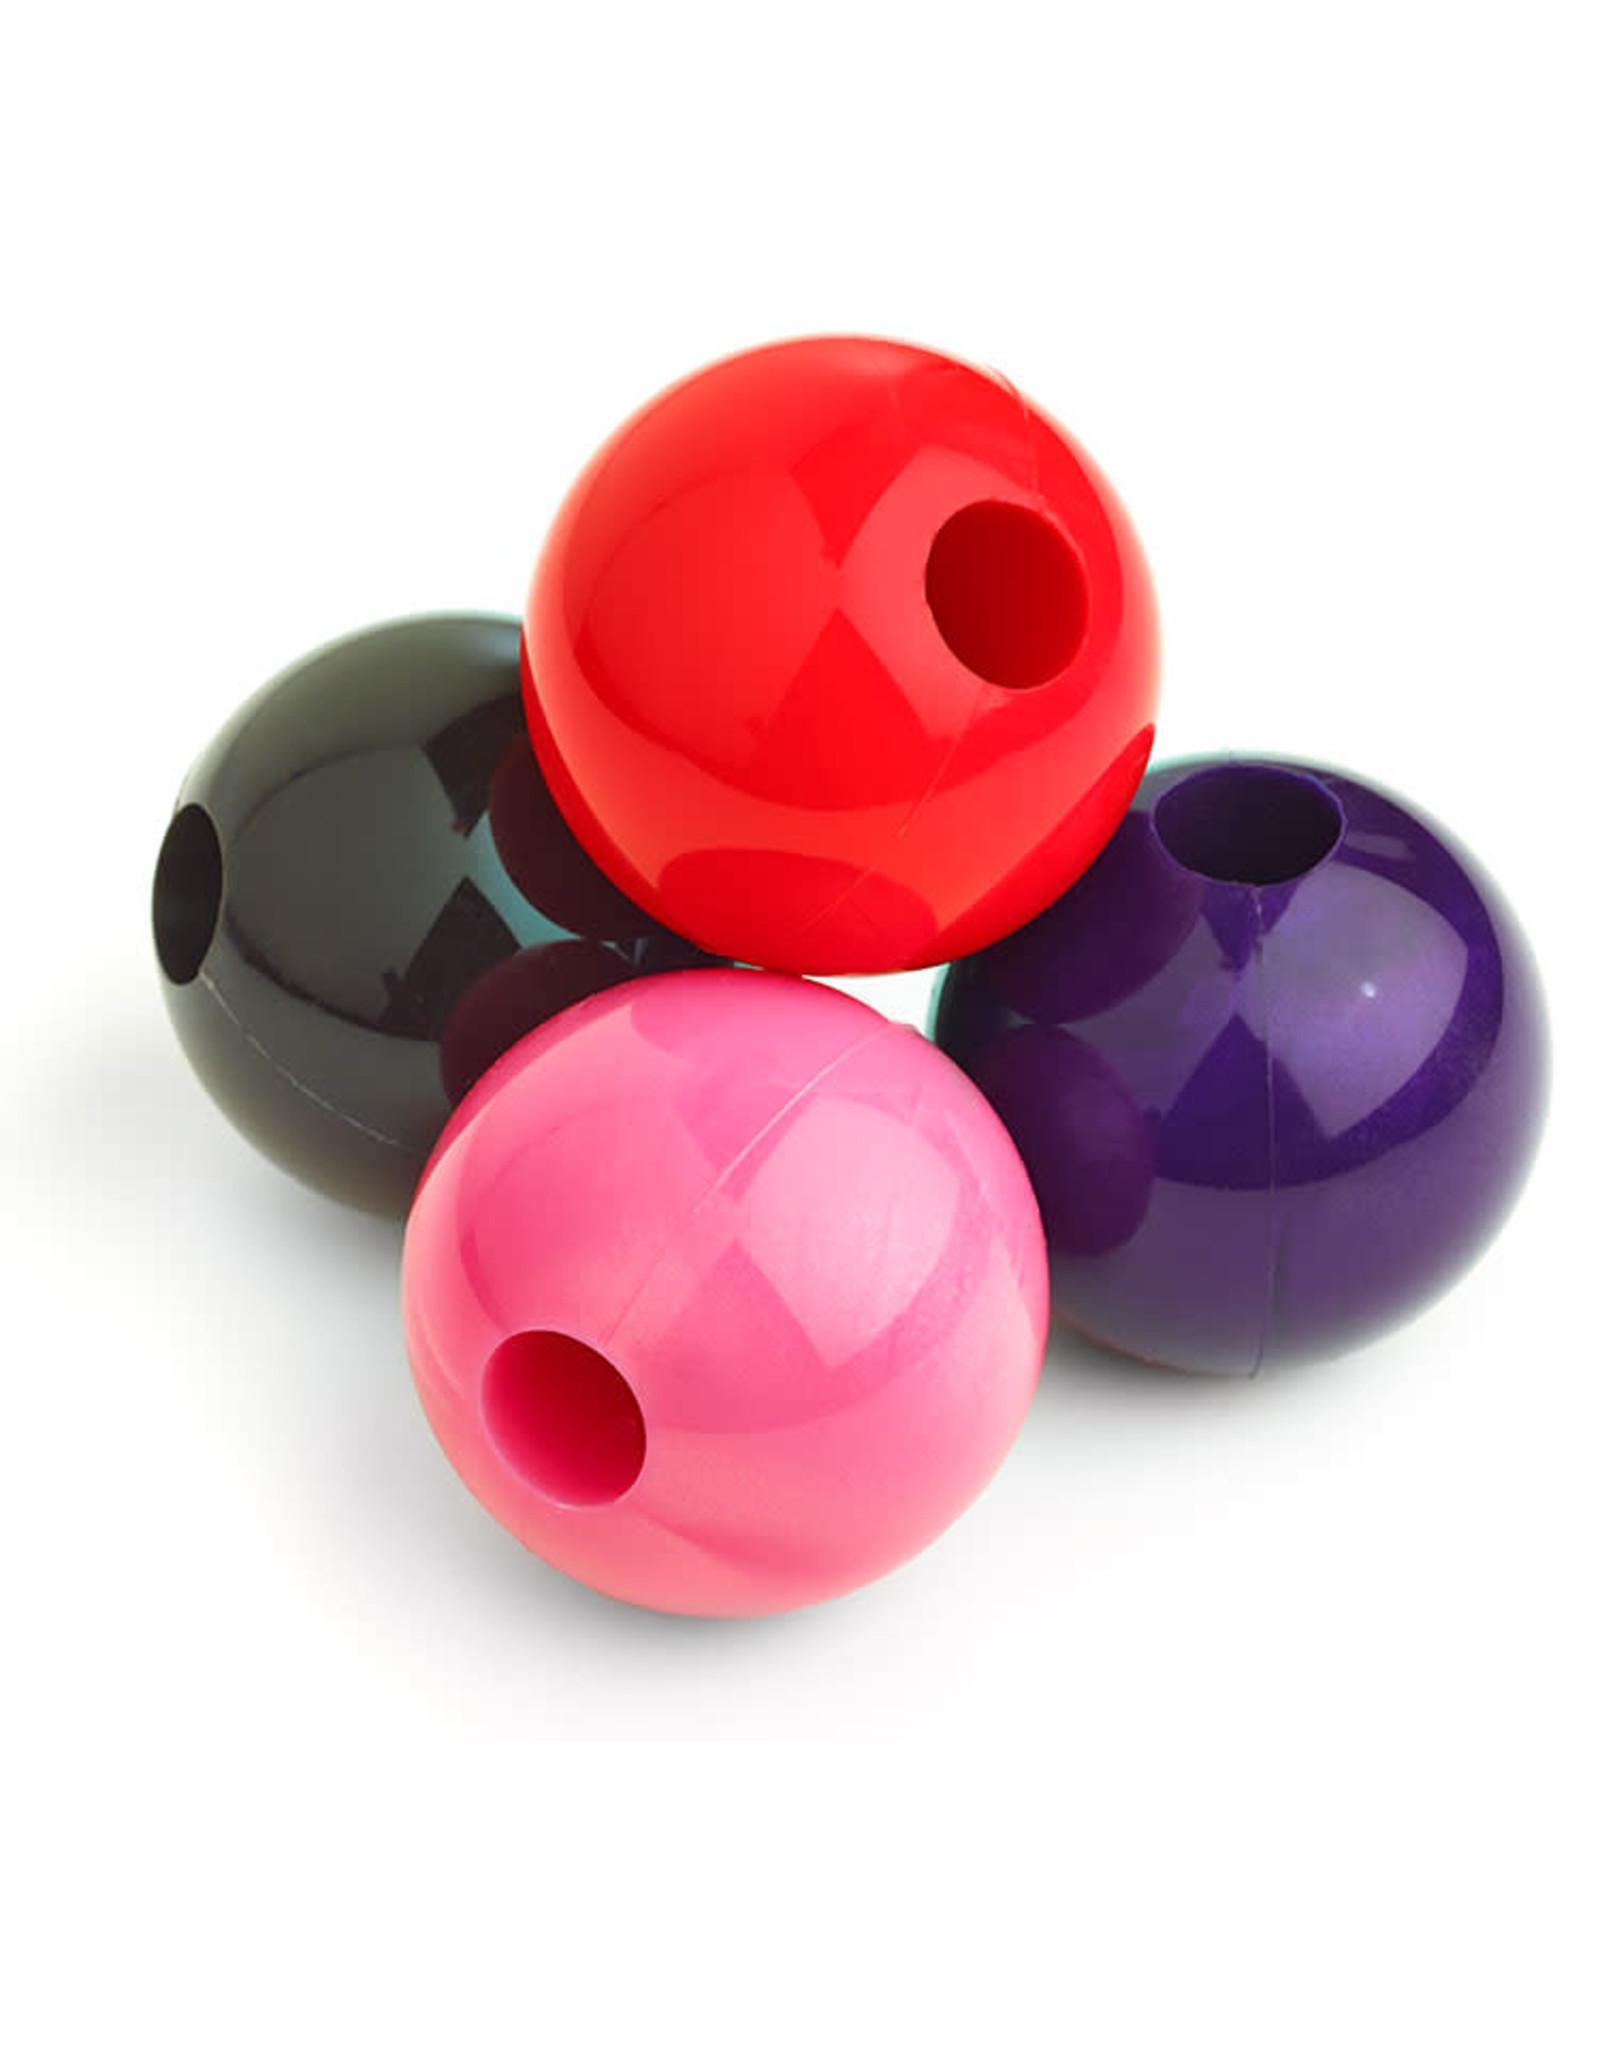 FUZE -  STRAPLESS GAG BALL - BLACK